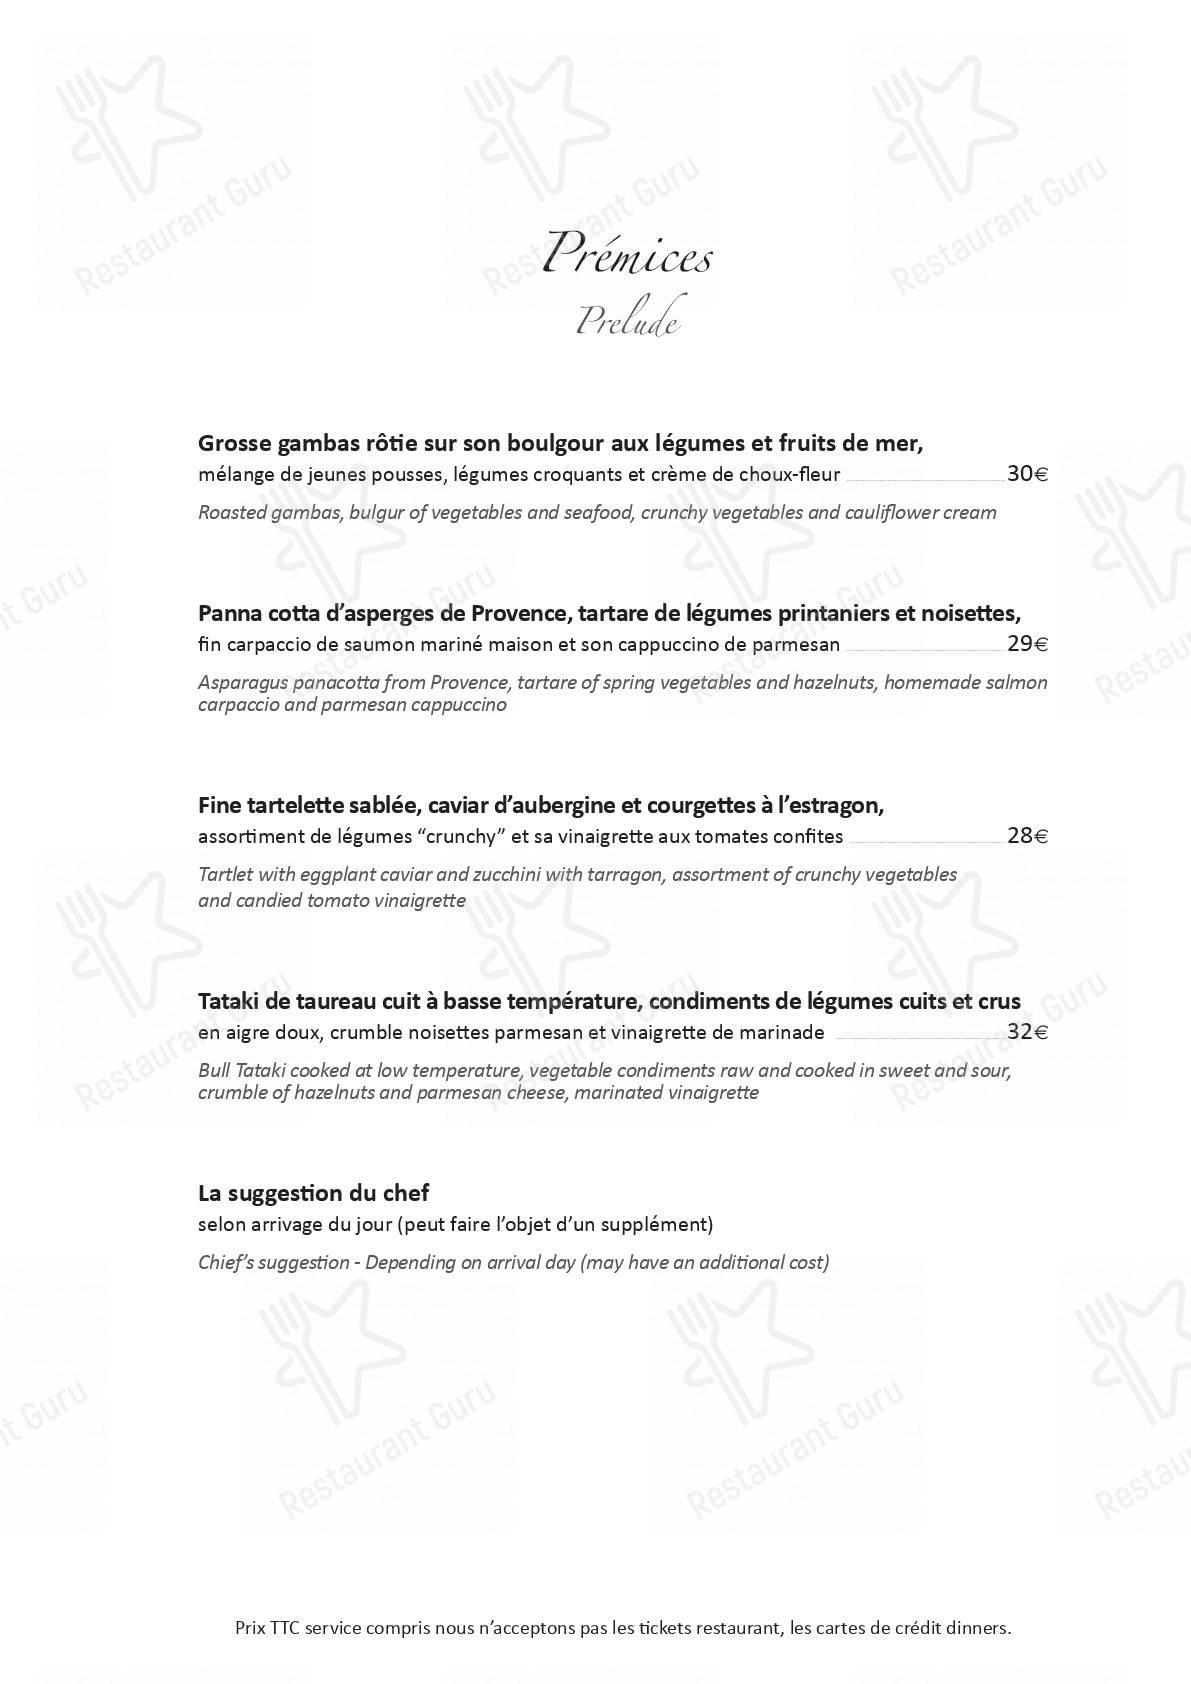 Le Potager du Mas menu - dishes and beverages